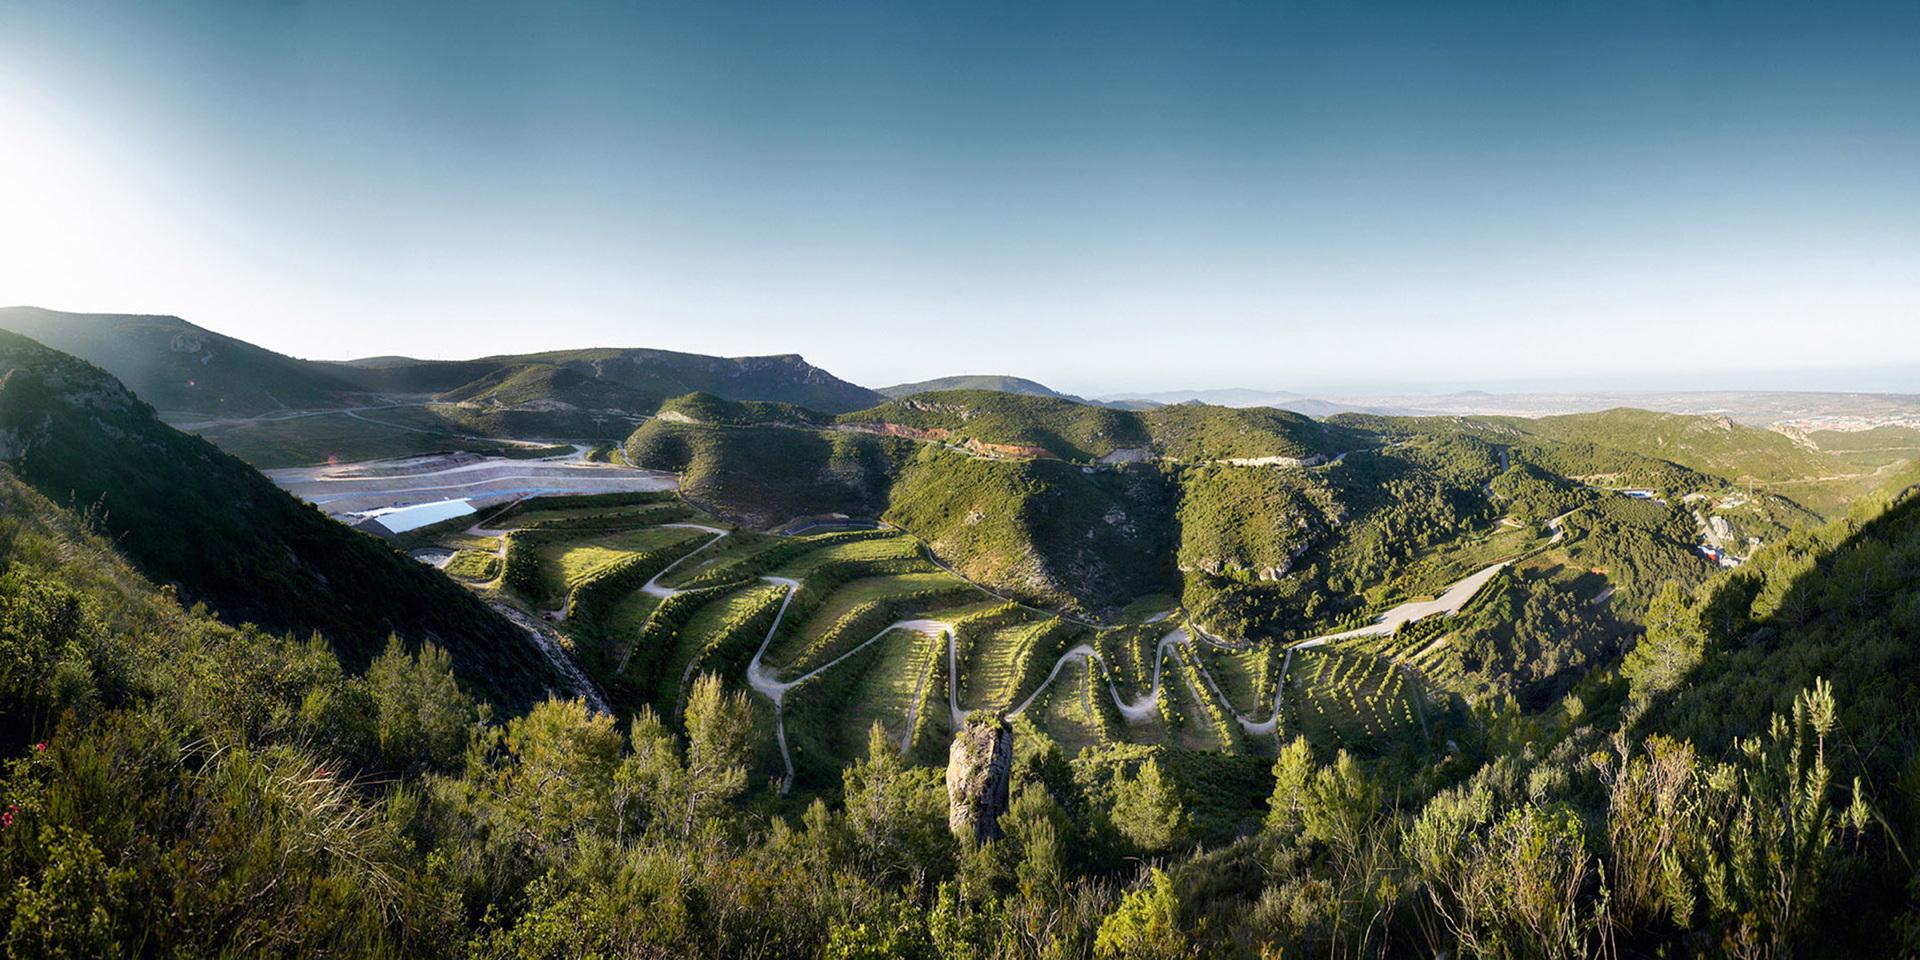 Batlle i Roig: restauración paisajística del vertedero del Garraf